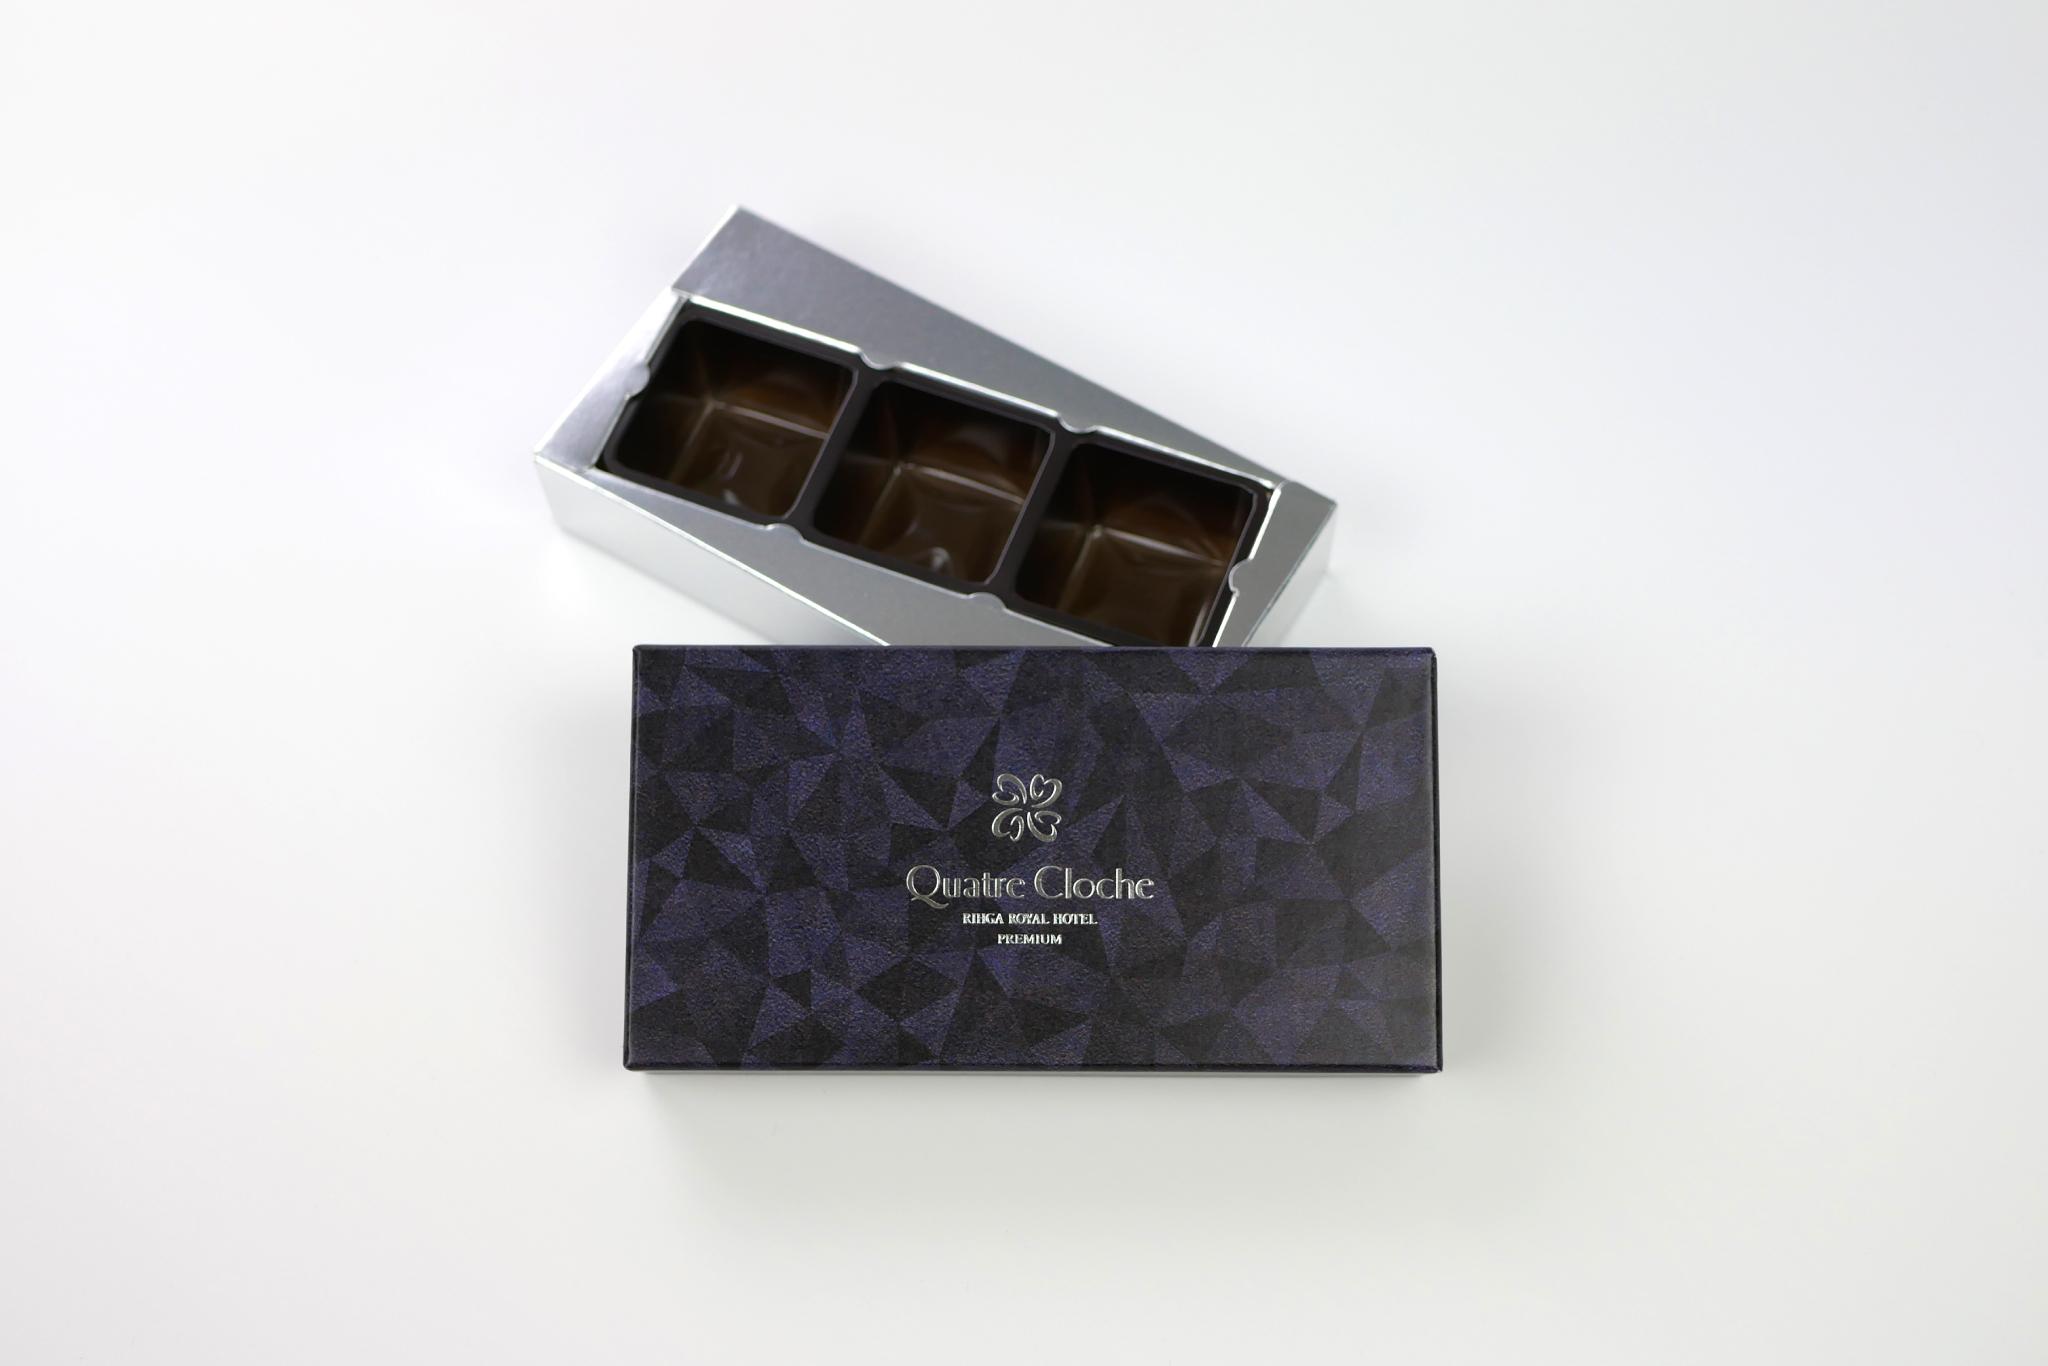 リーガロイヤルホテル様 2020年バレンタイン製品 キャトルクロッシュ ジェグナルのパッケージ写真です